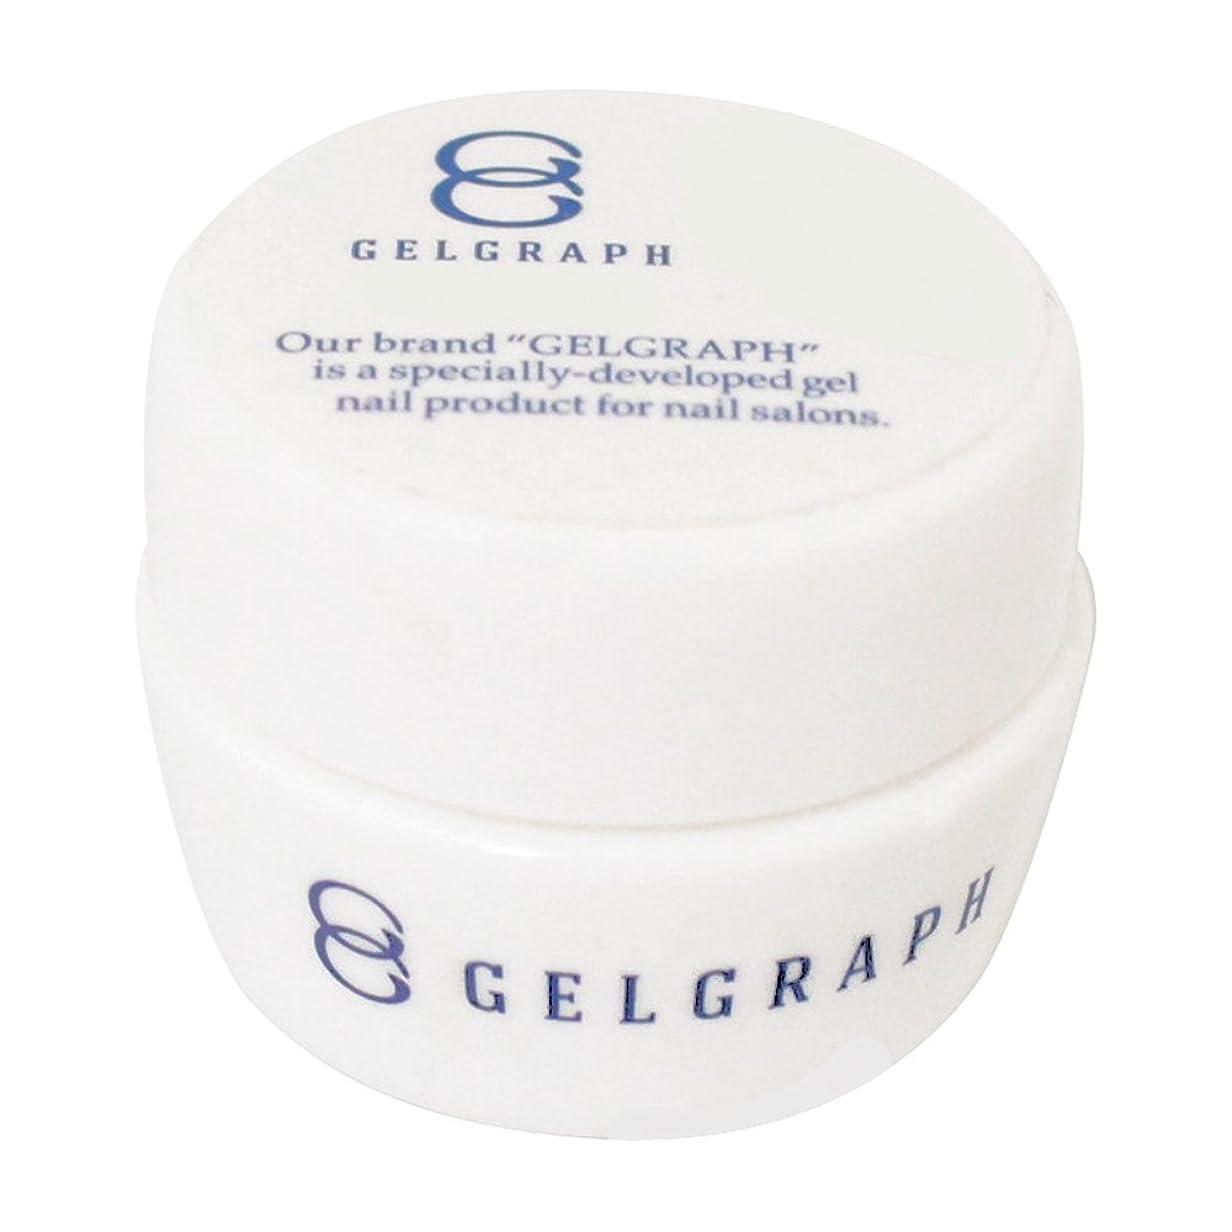 クレジット商標安心GELGRAPH カラージェル 124S サクラ?ラテ 5g UV/LED対応 ソークオフジェル